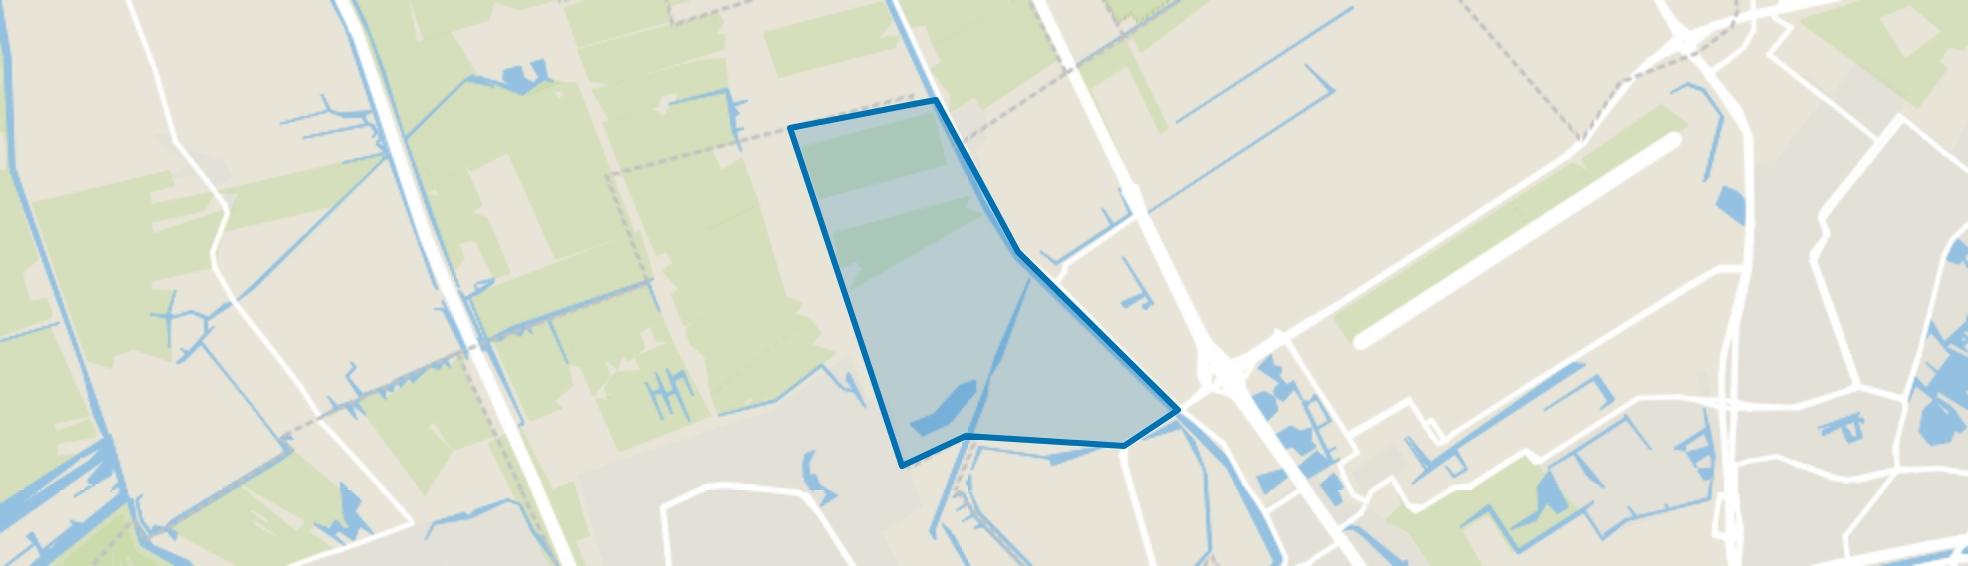 Noord Kethel, Rotterdam map